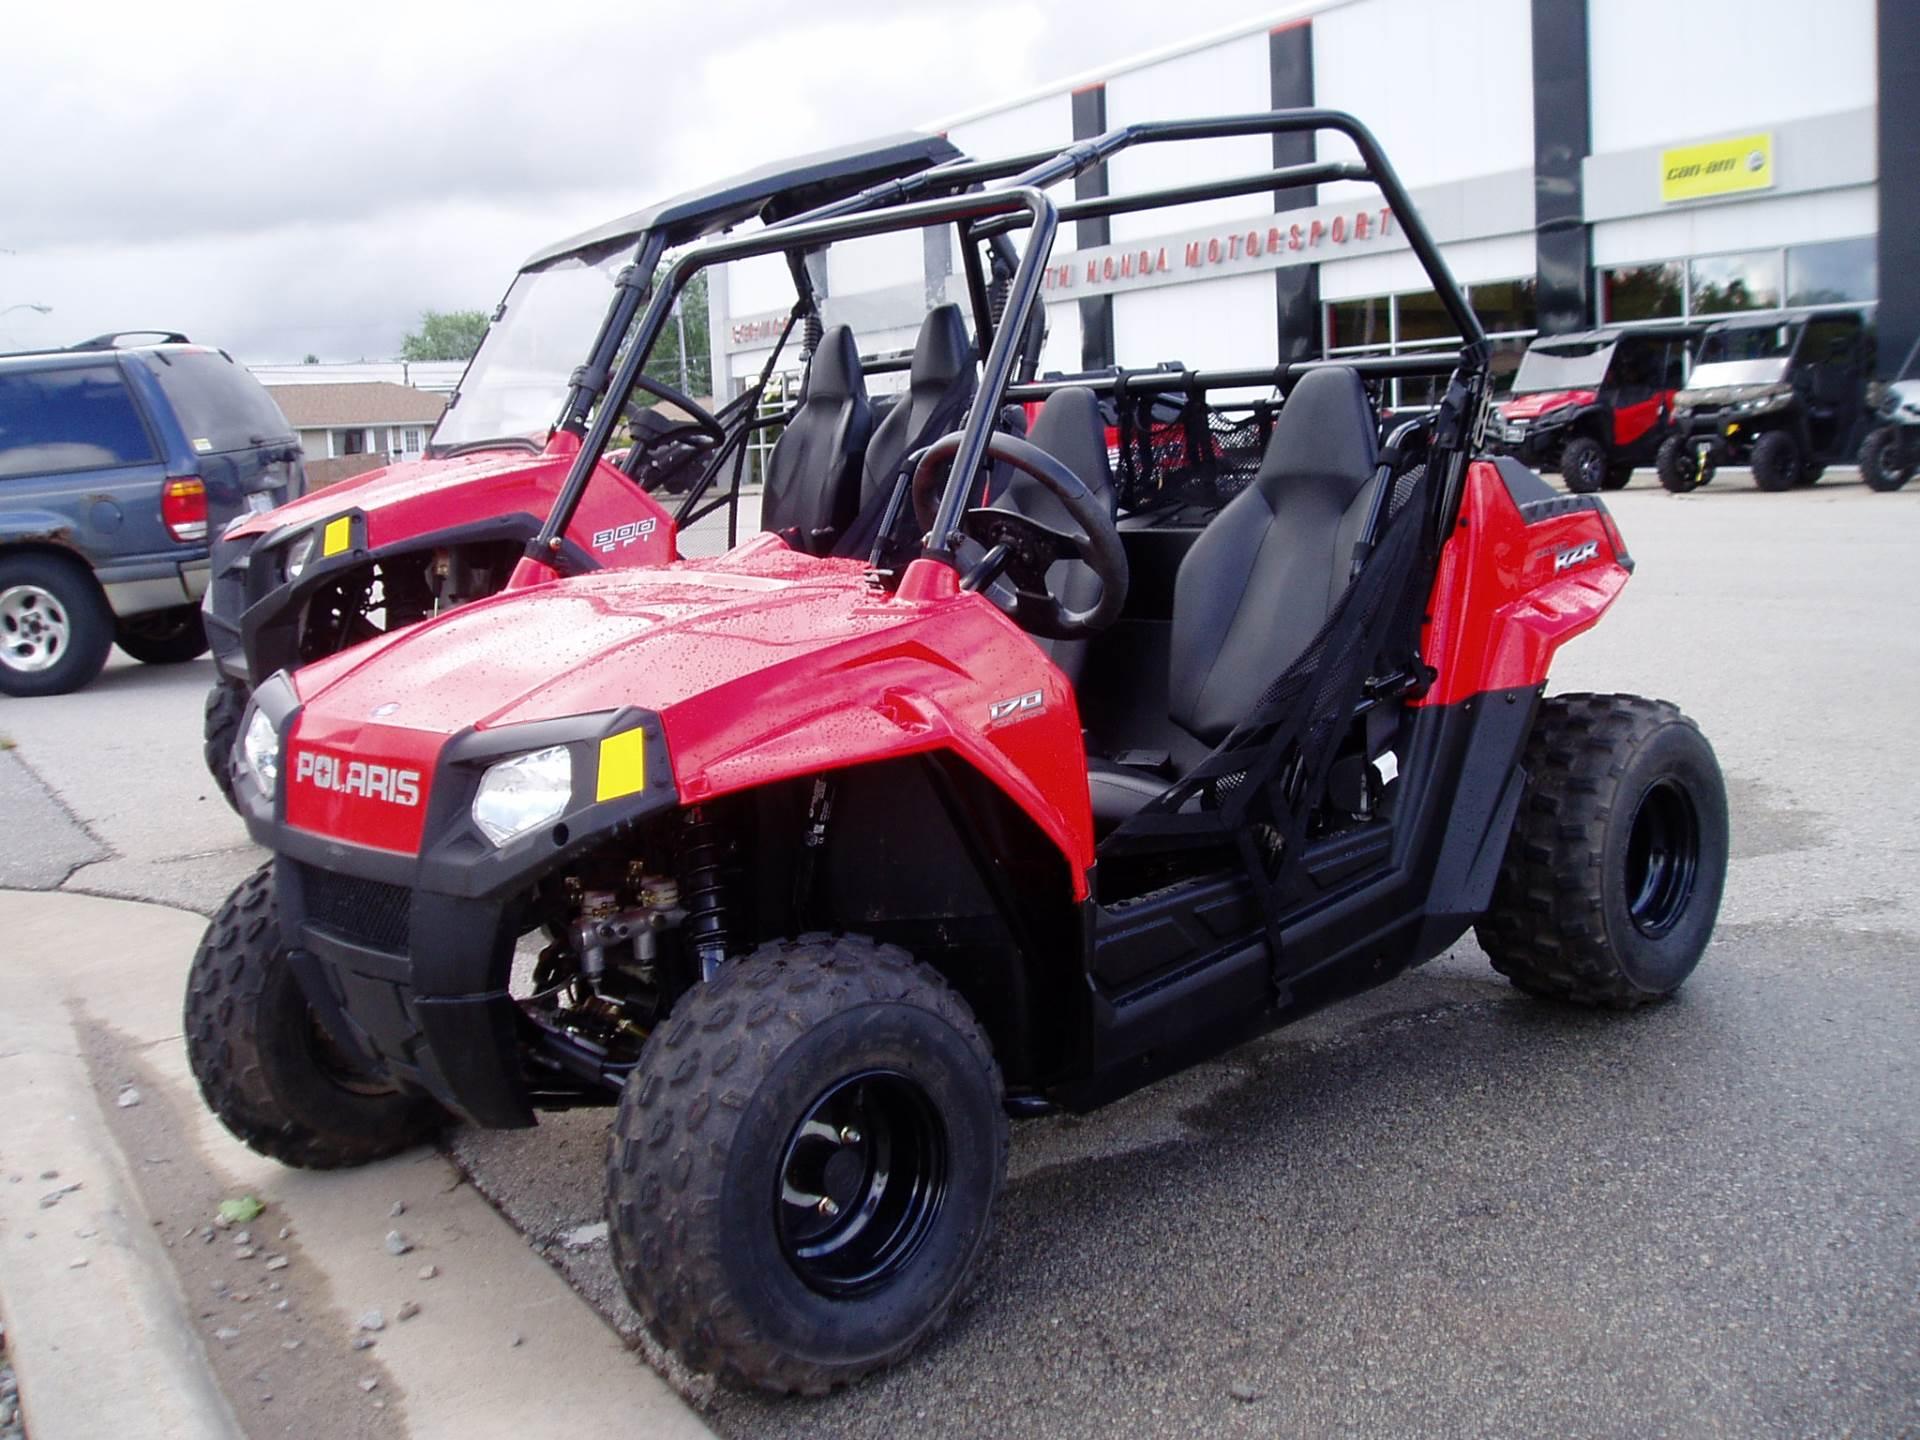 2009 Ranger RZR 170